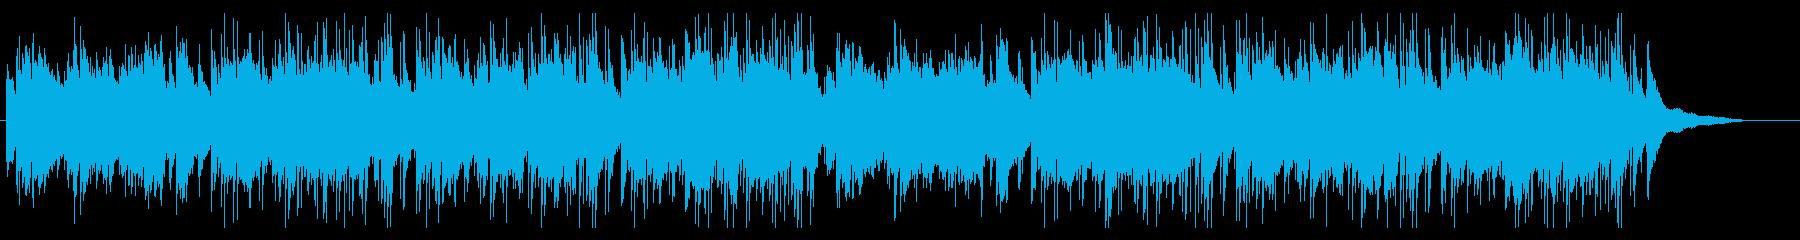 潤いのある日常・しっとり感のあるBGMの再生済みの波形